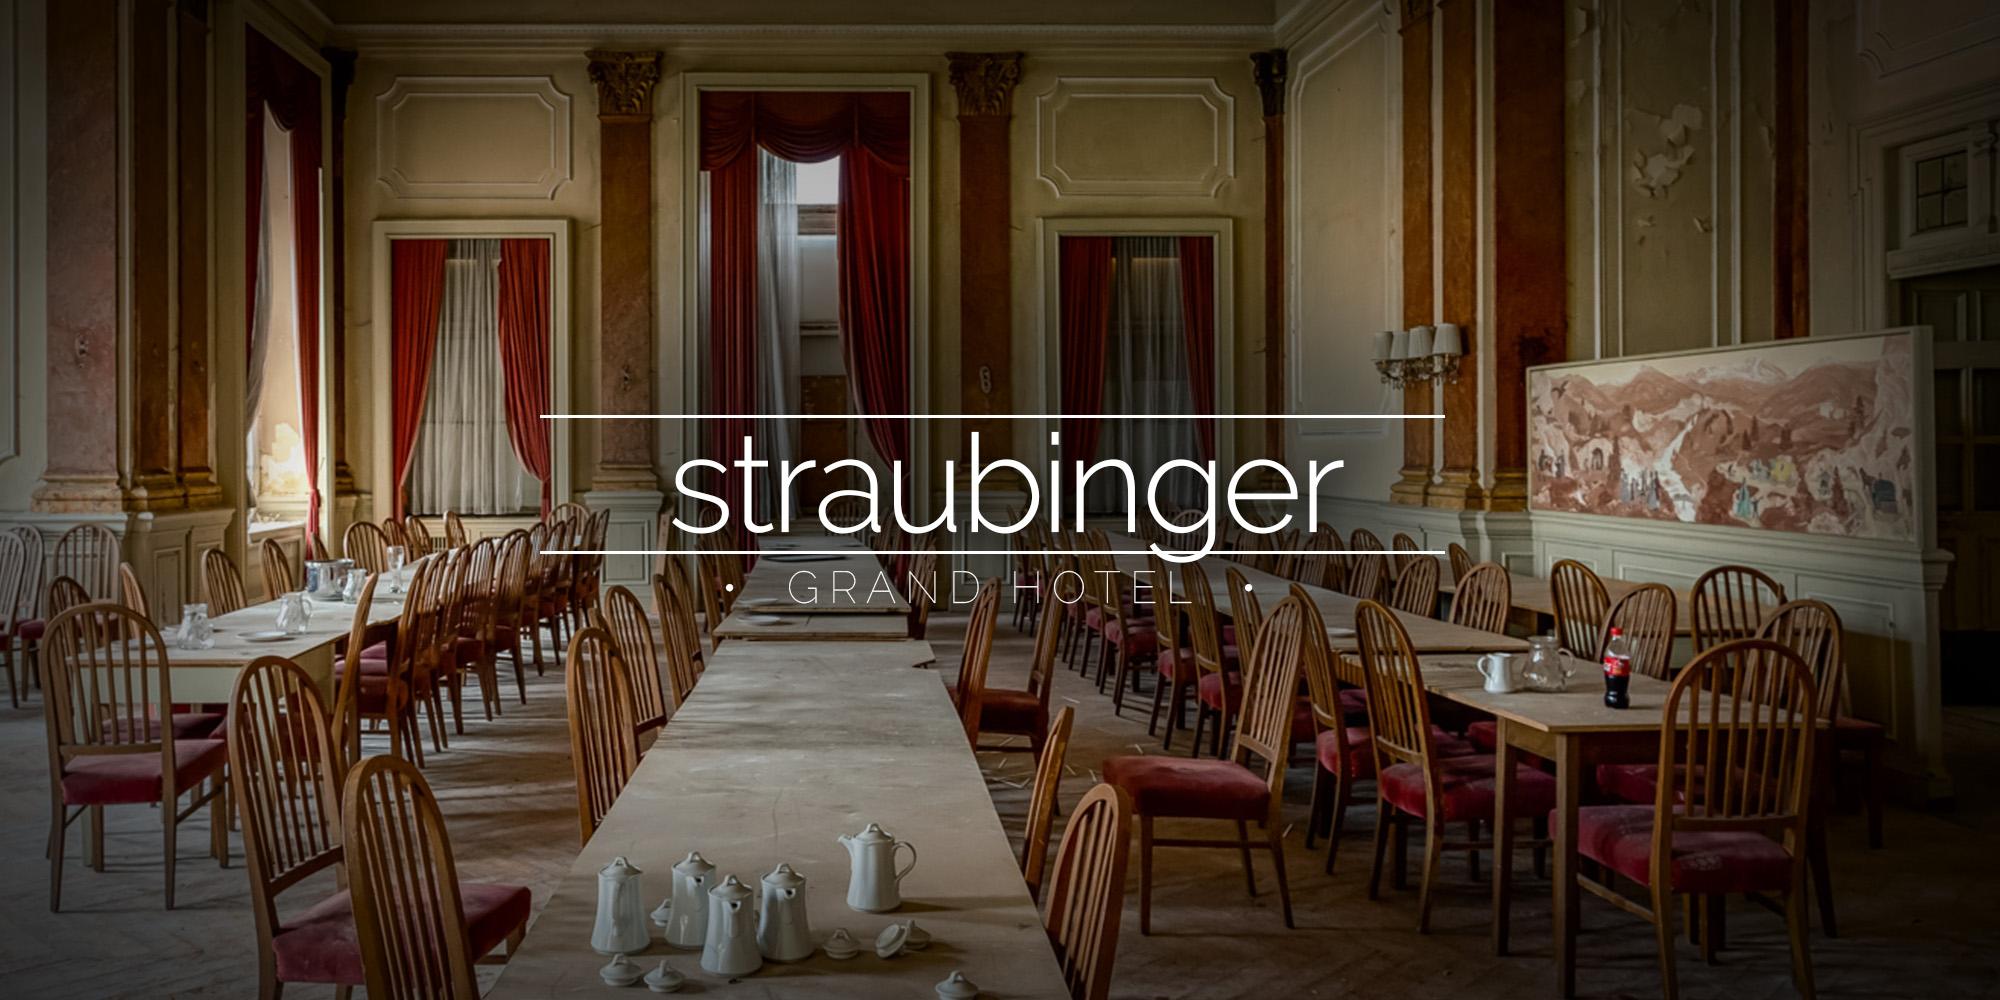 Grand Hotel Straubinger, Bad Gastein, Austria